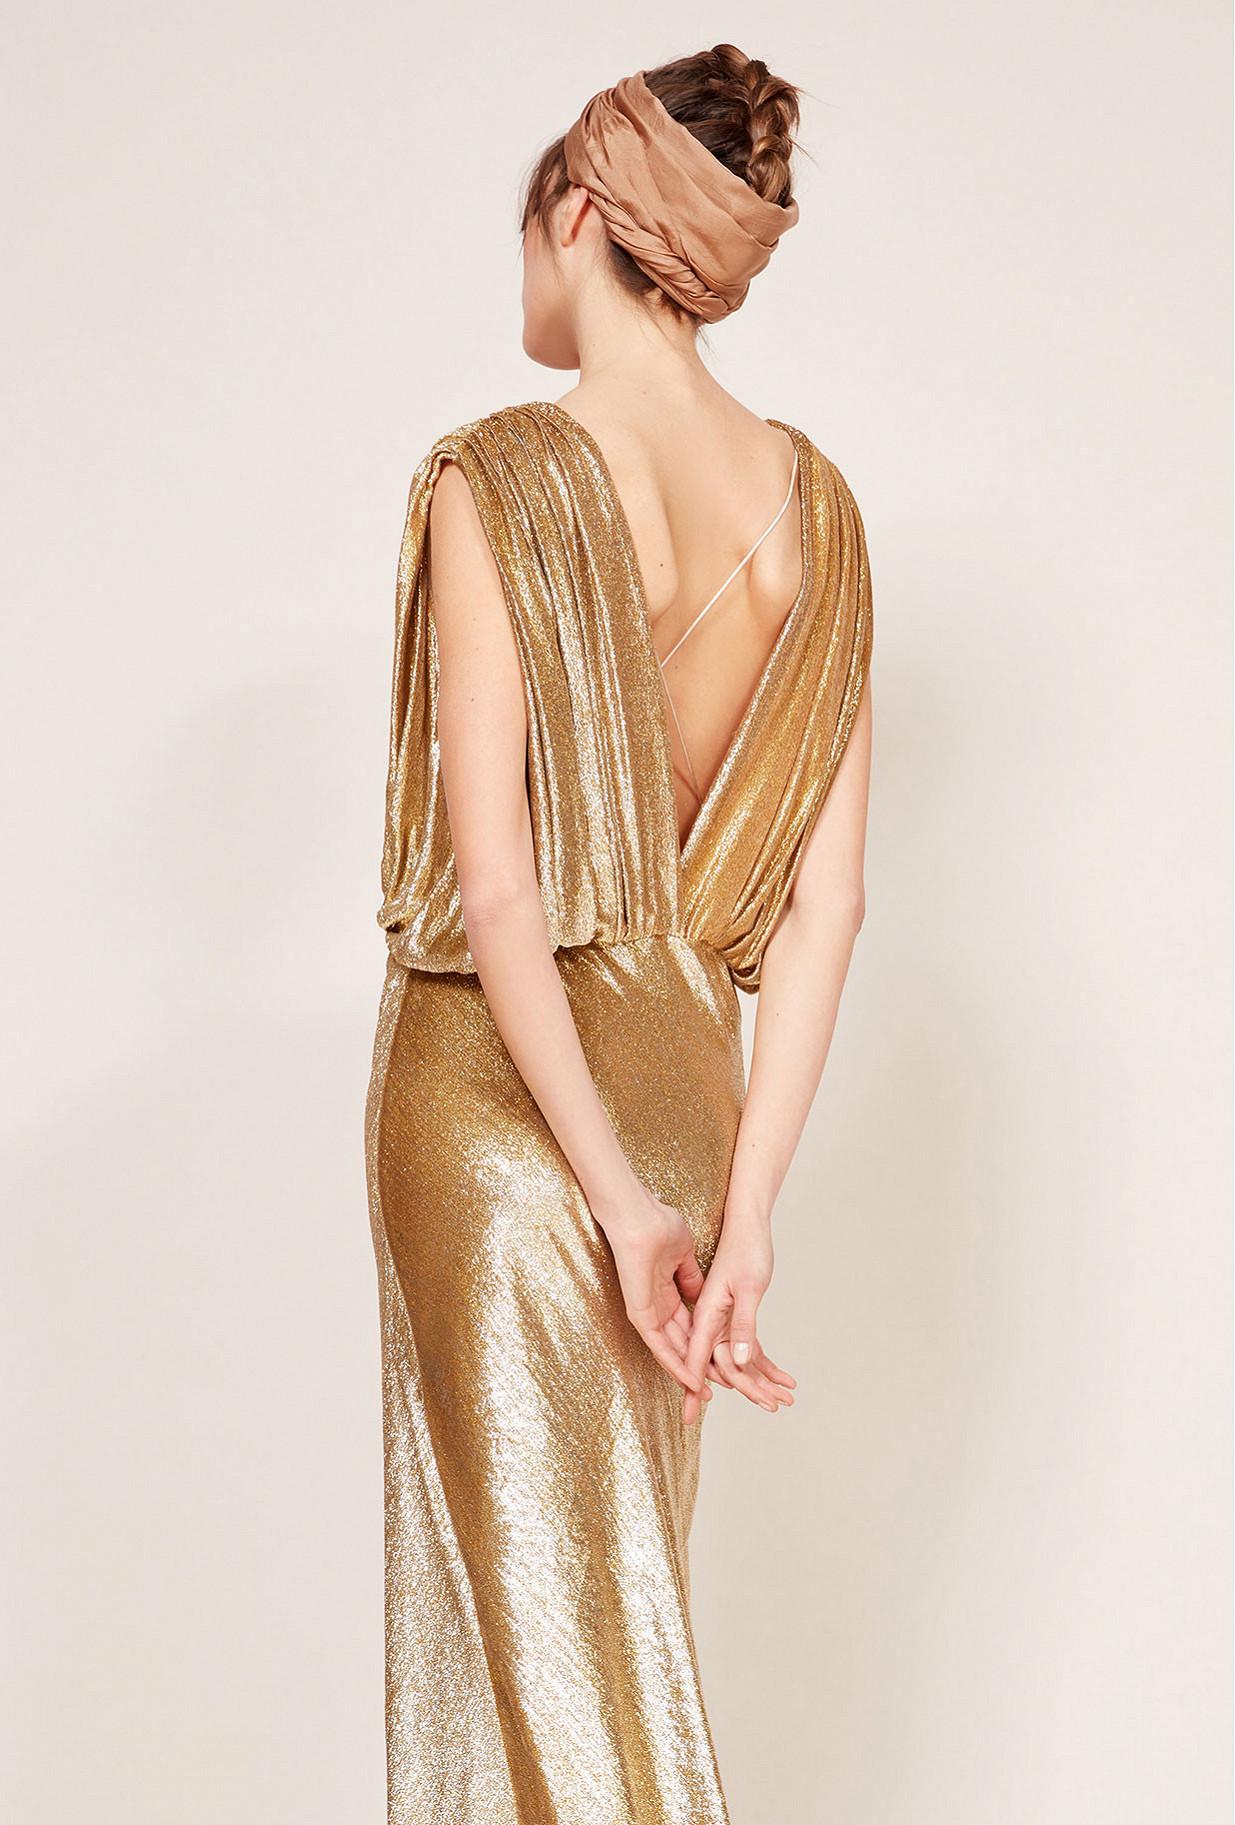 Paris clothes store Dress  Helen french designer fashion Paris